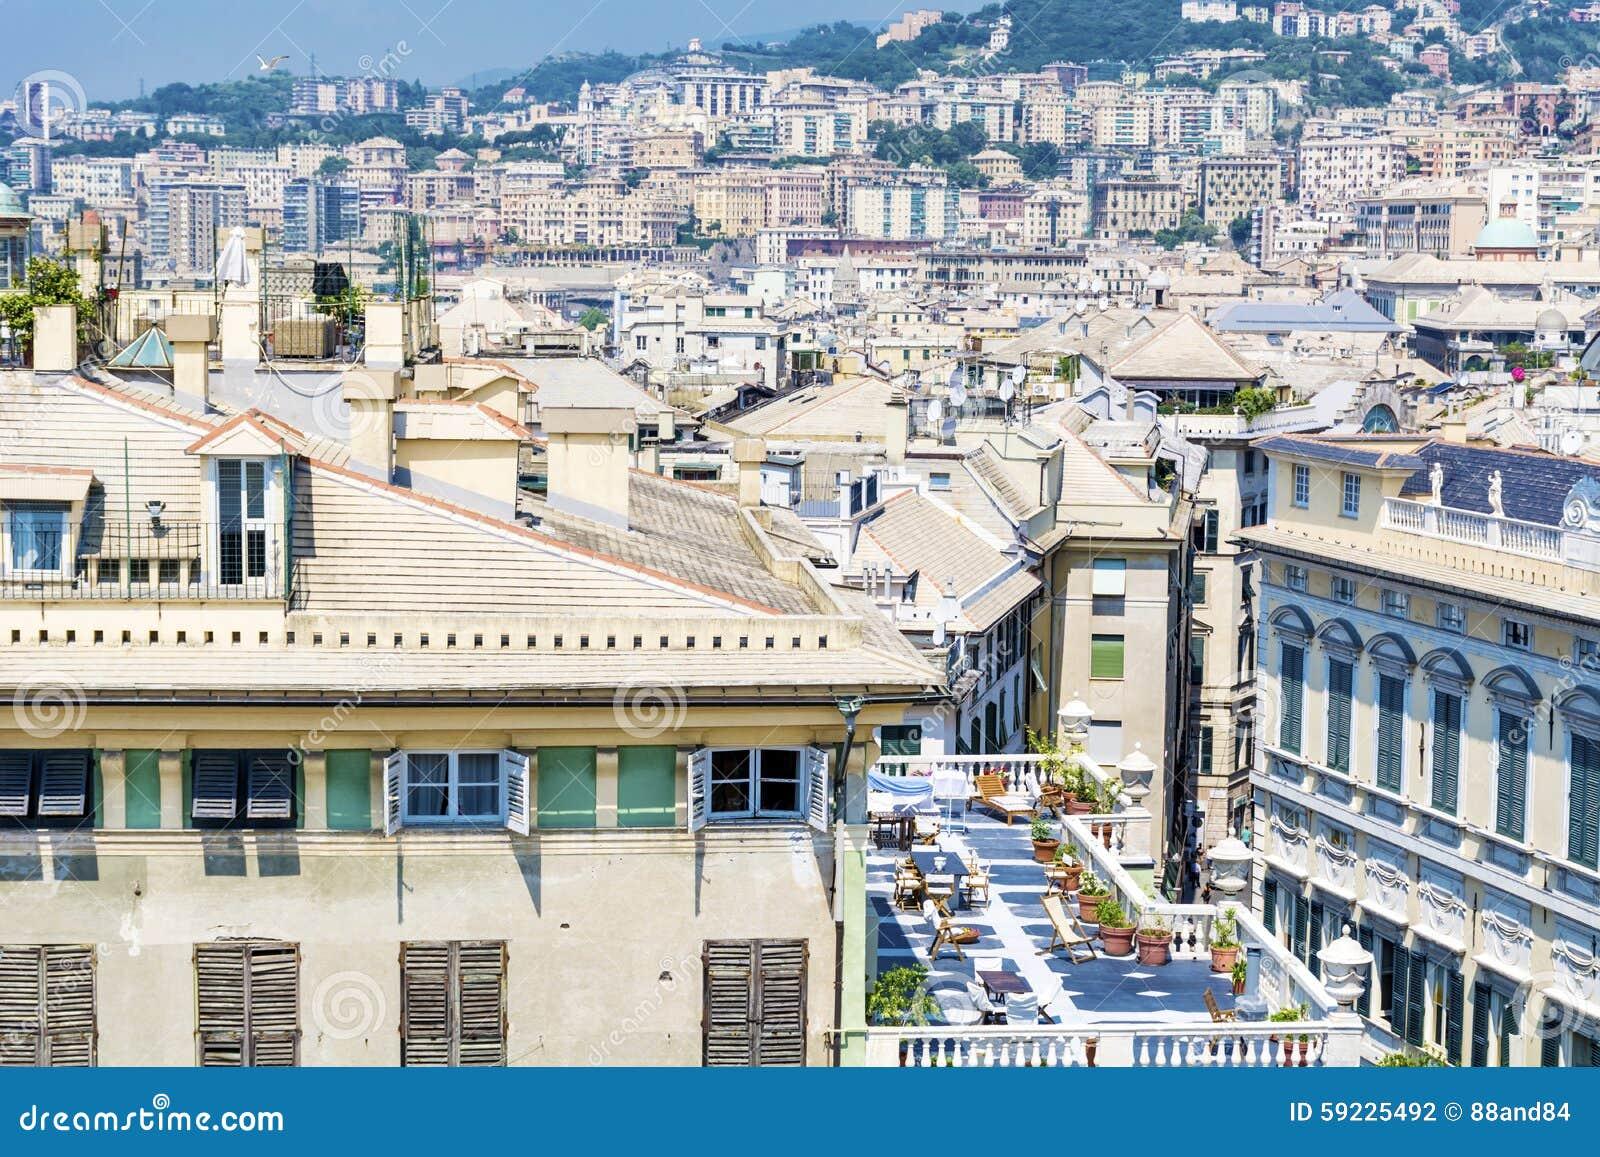 Download Ciudad de Génova, panorama foto de archivo. Imagen de comercial - 59225492